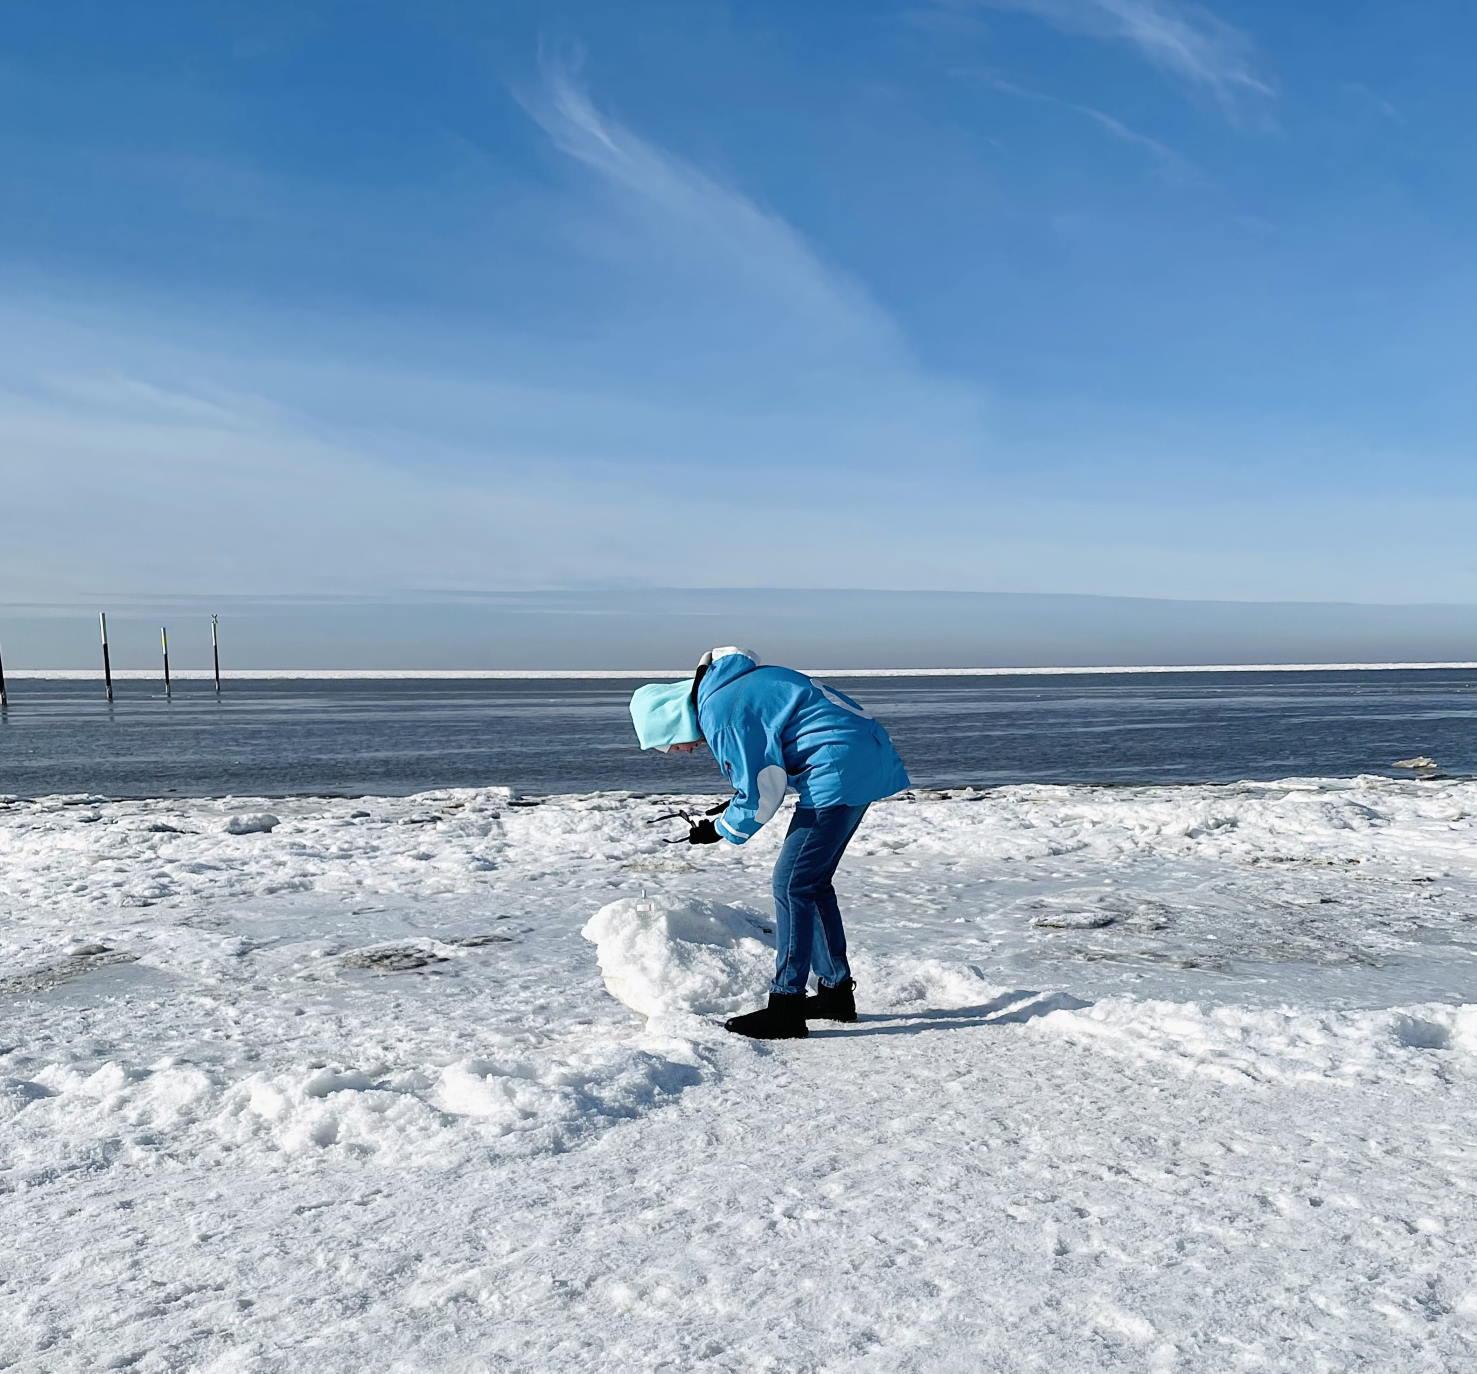 Sankt Peter-Ording Nordsee Nordfriesland Winter Februar 2021